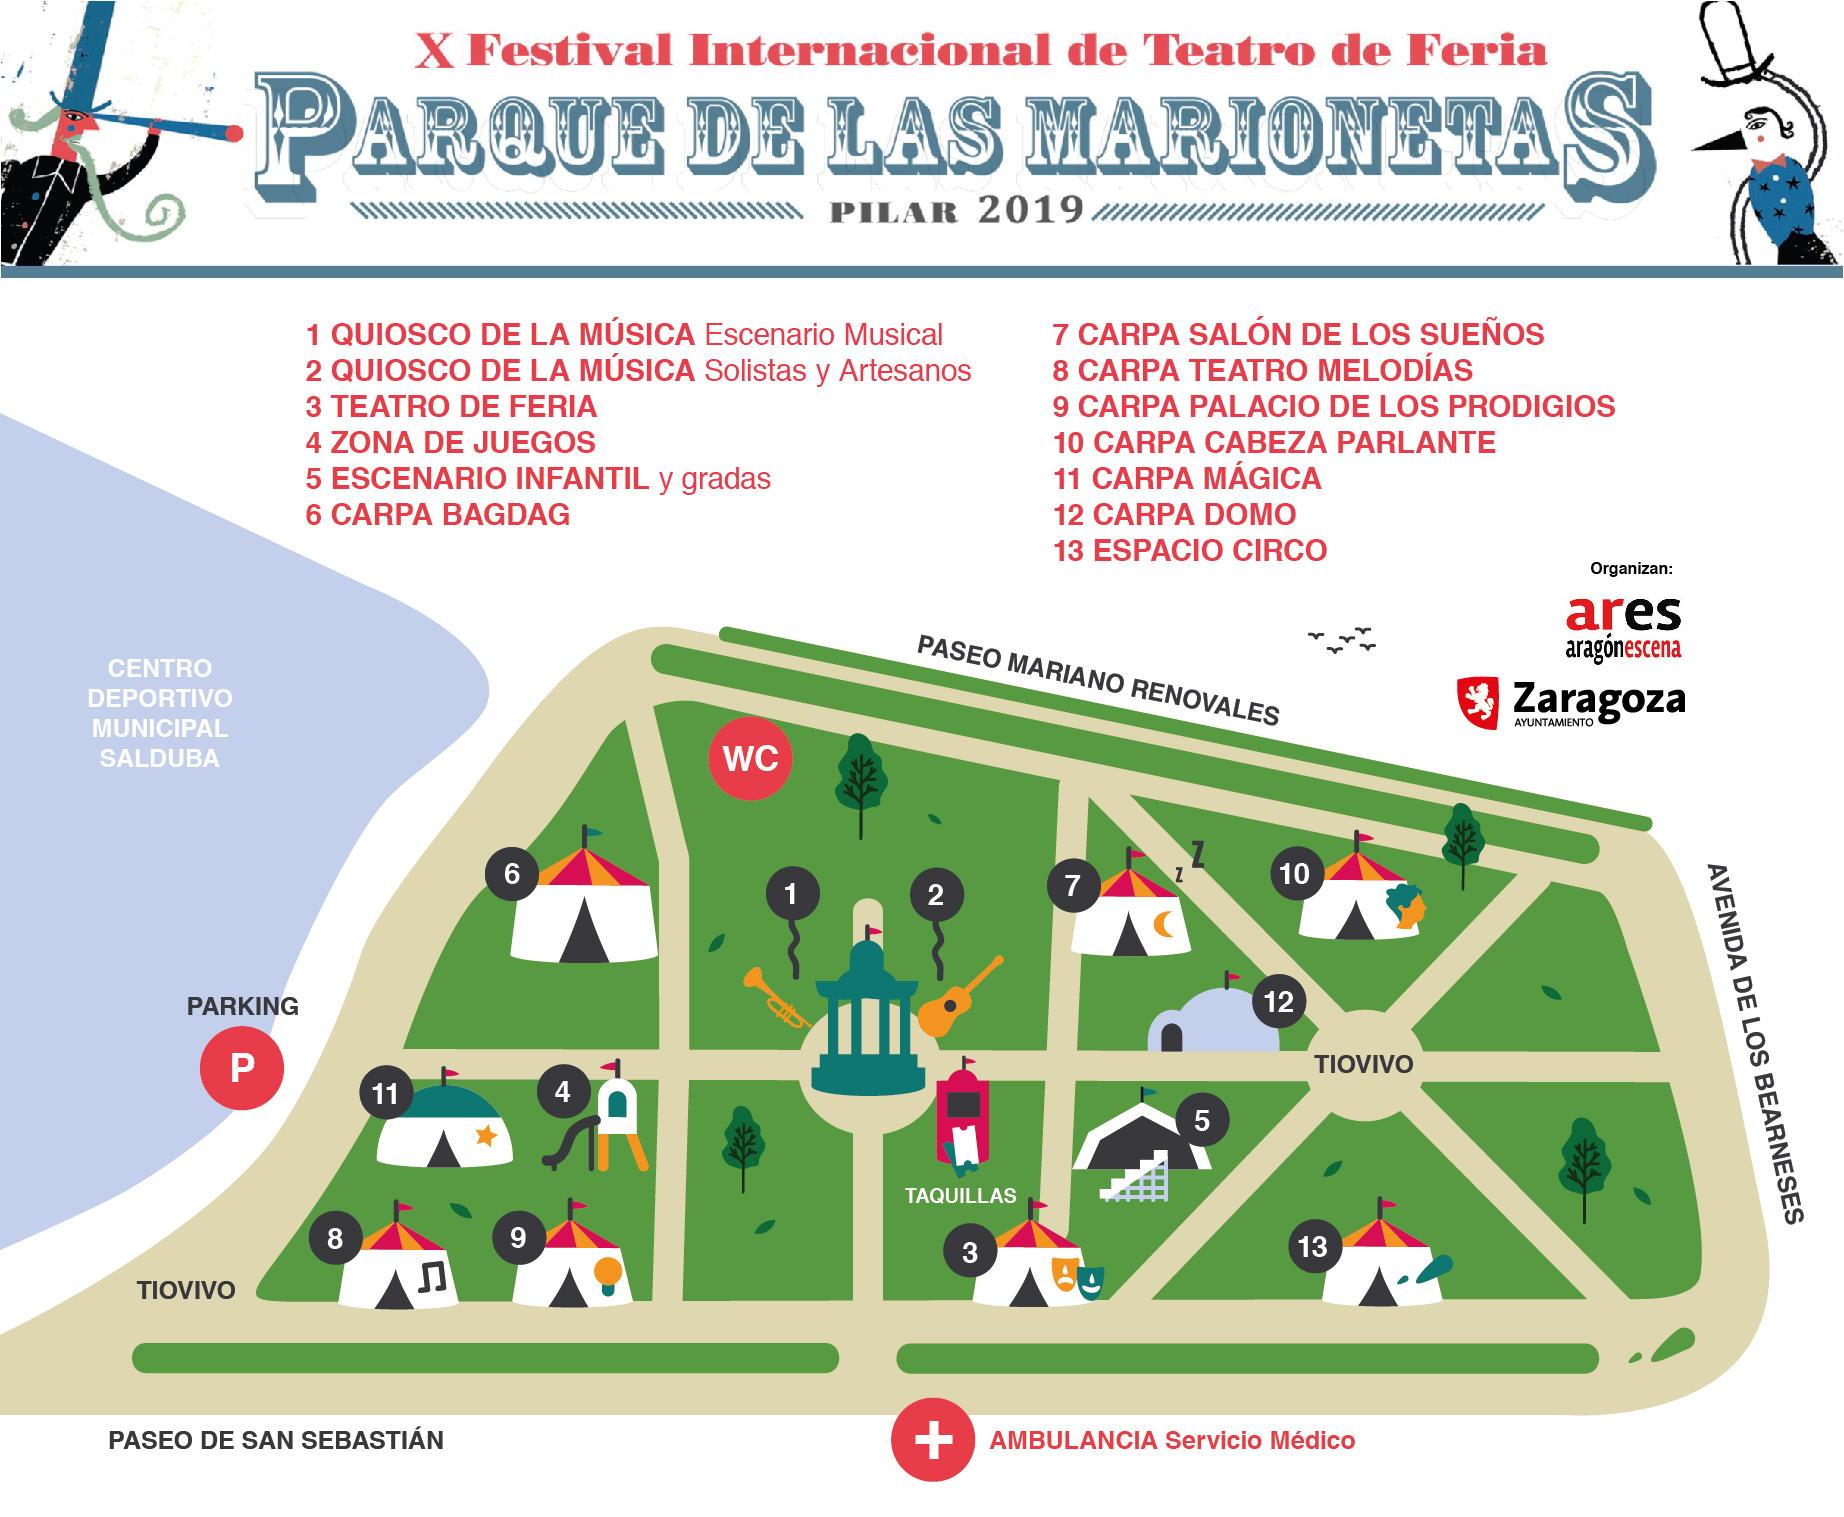 Plano-Espacios-Parque-de-las-Marionetas-2019